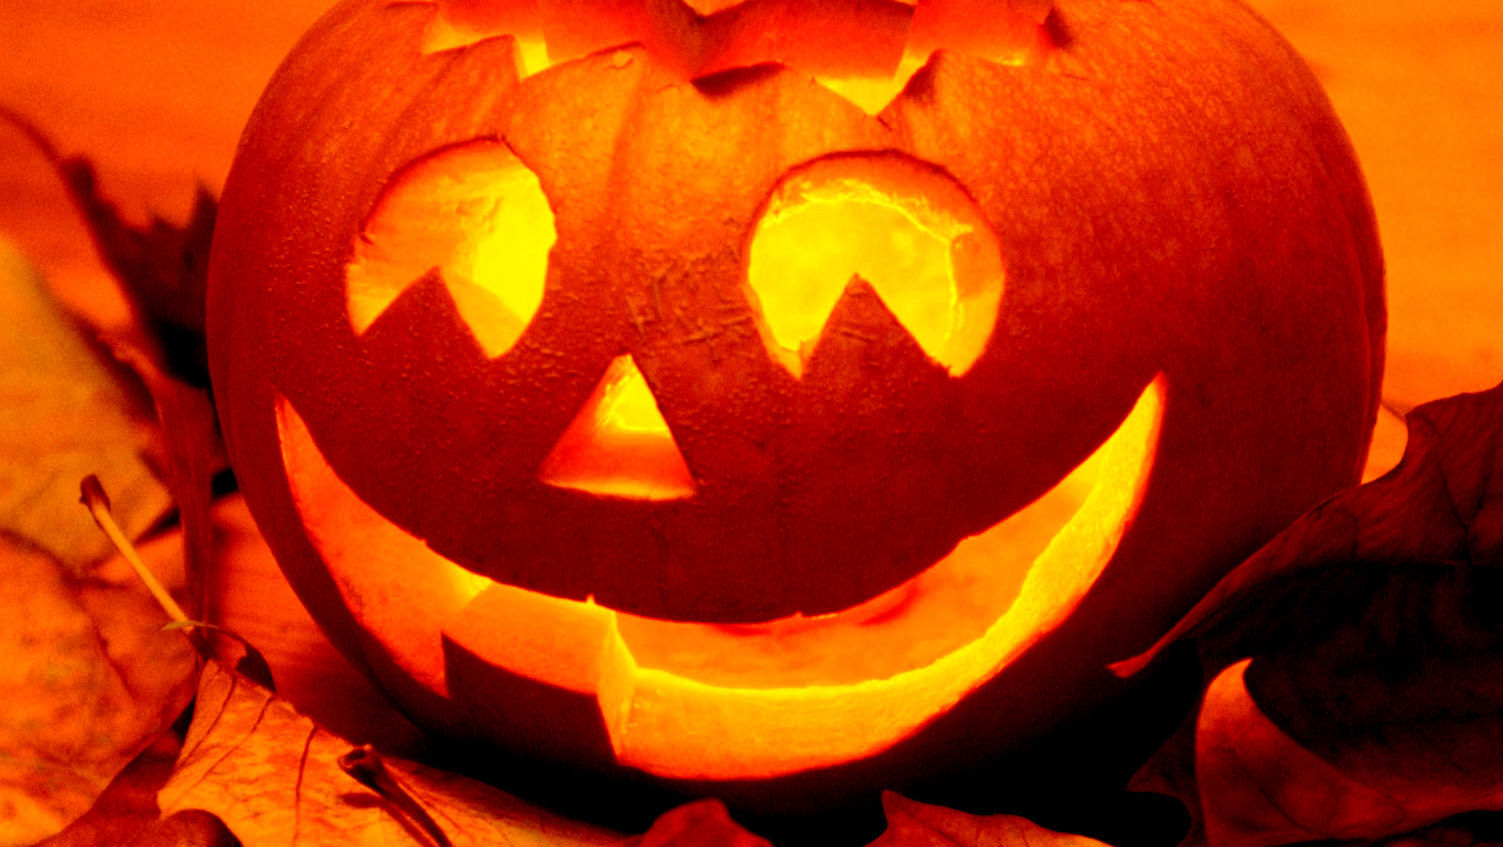 desahogos: lo que pienso de halloween